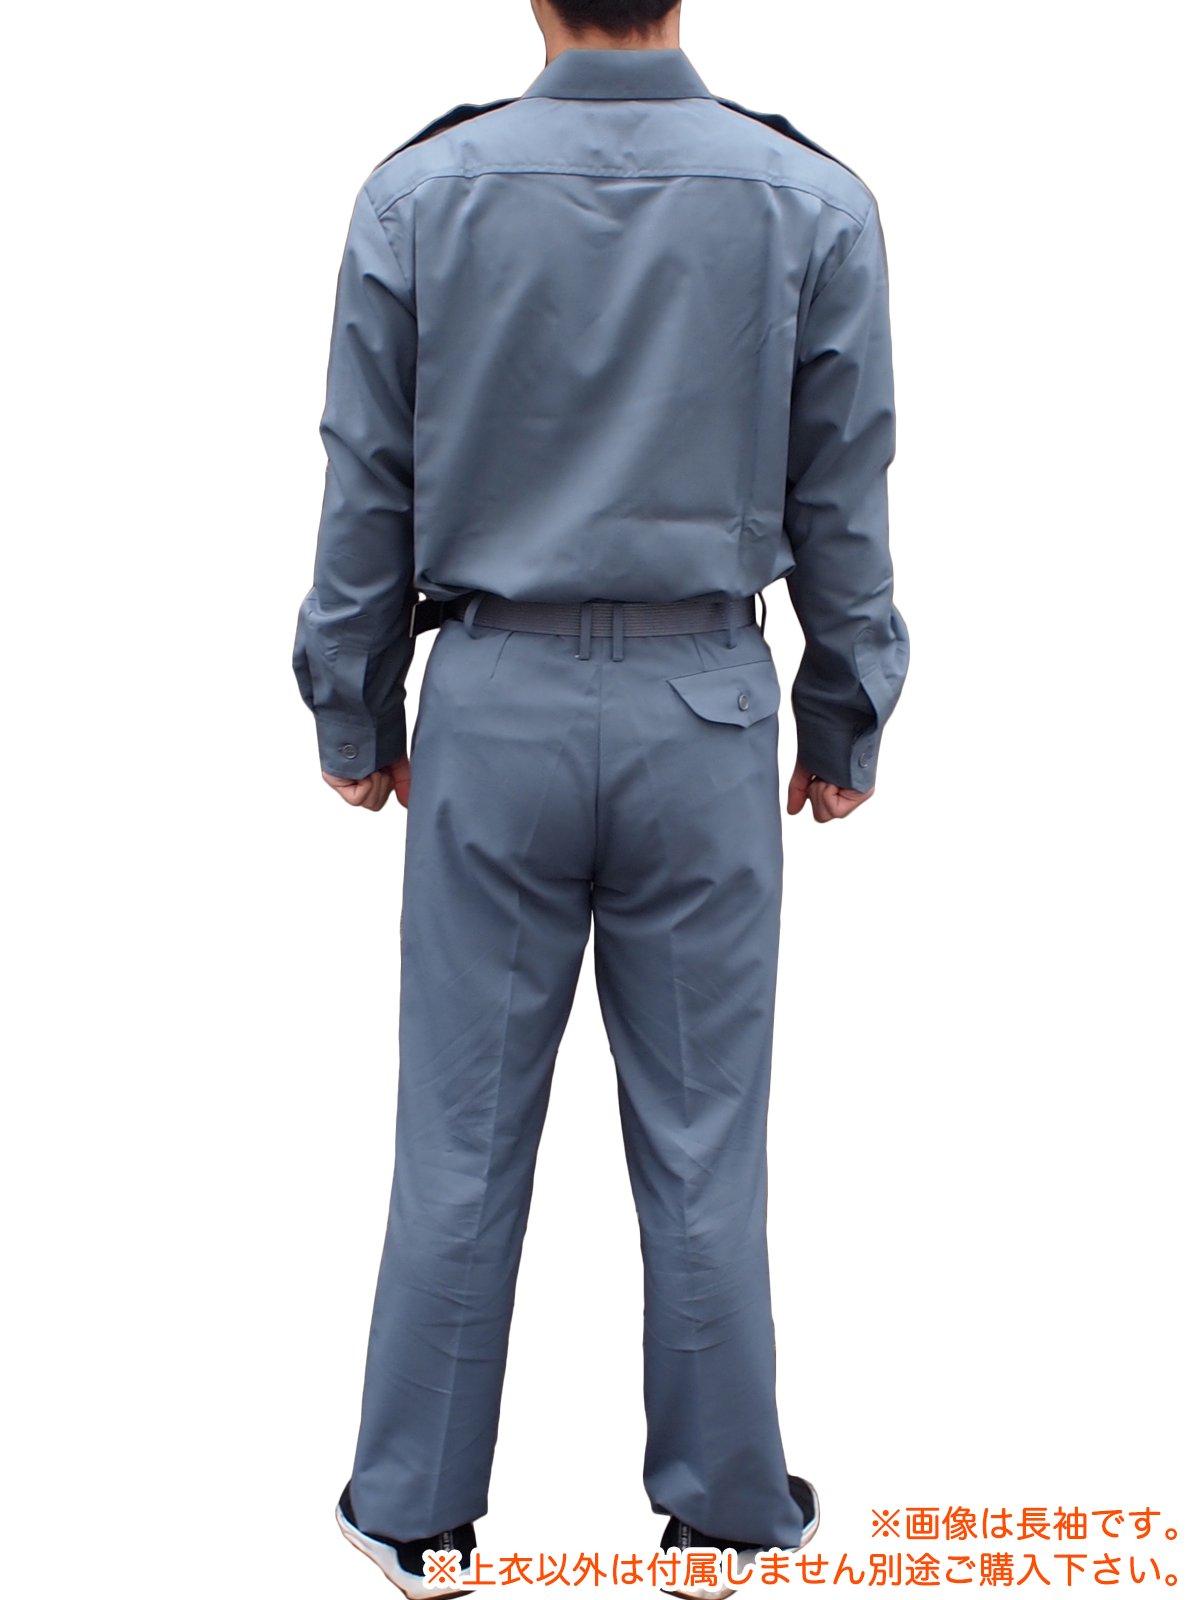 消防盛夏服(グレー)カッター半袖上衣【画像4】